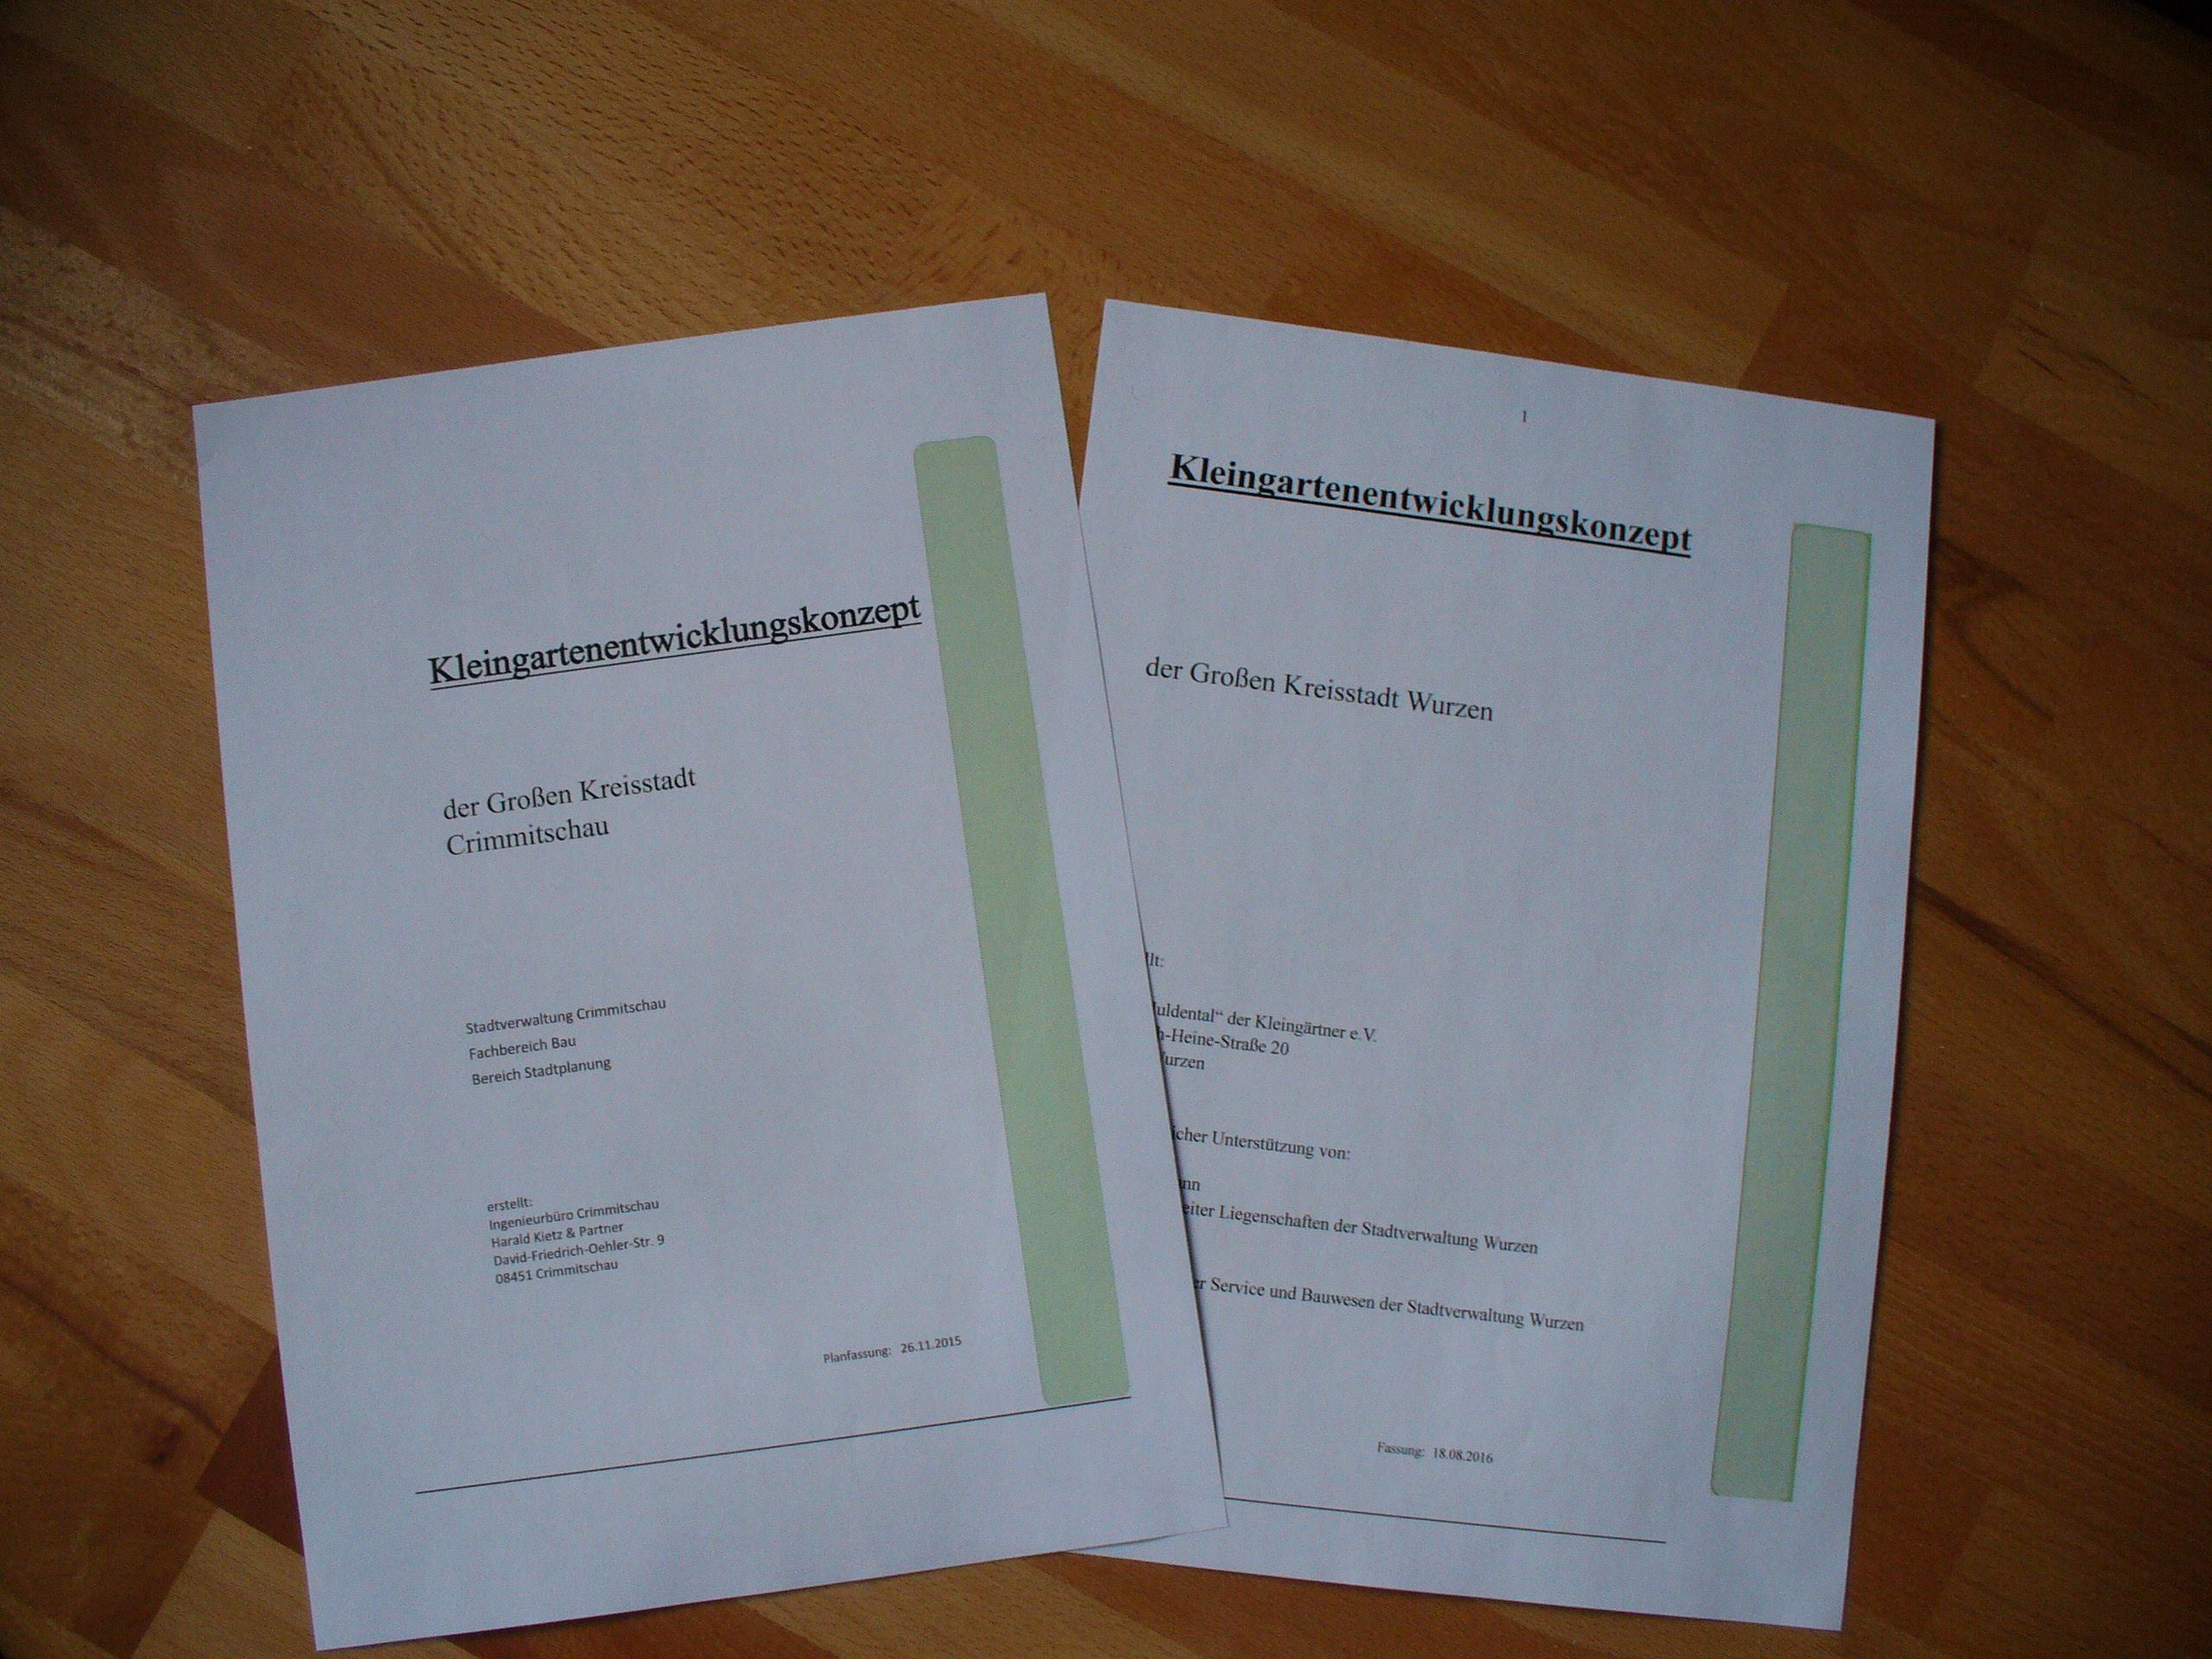 """Lichtenbergers """"Kleingartenentwicklungskonzept"""" entpuppt sich als Plagiat"""